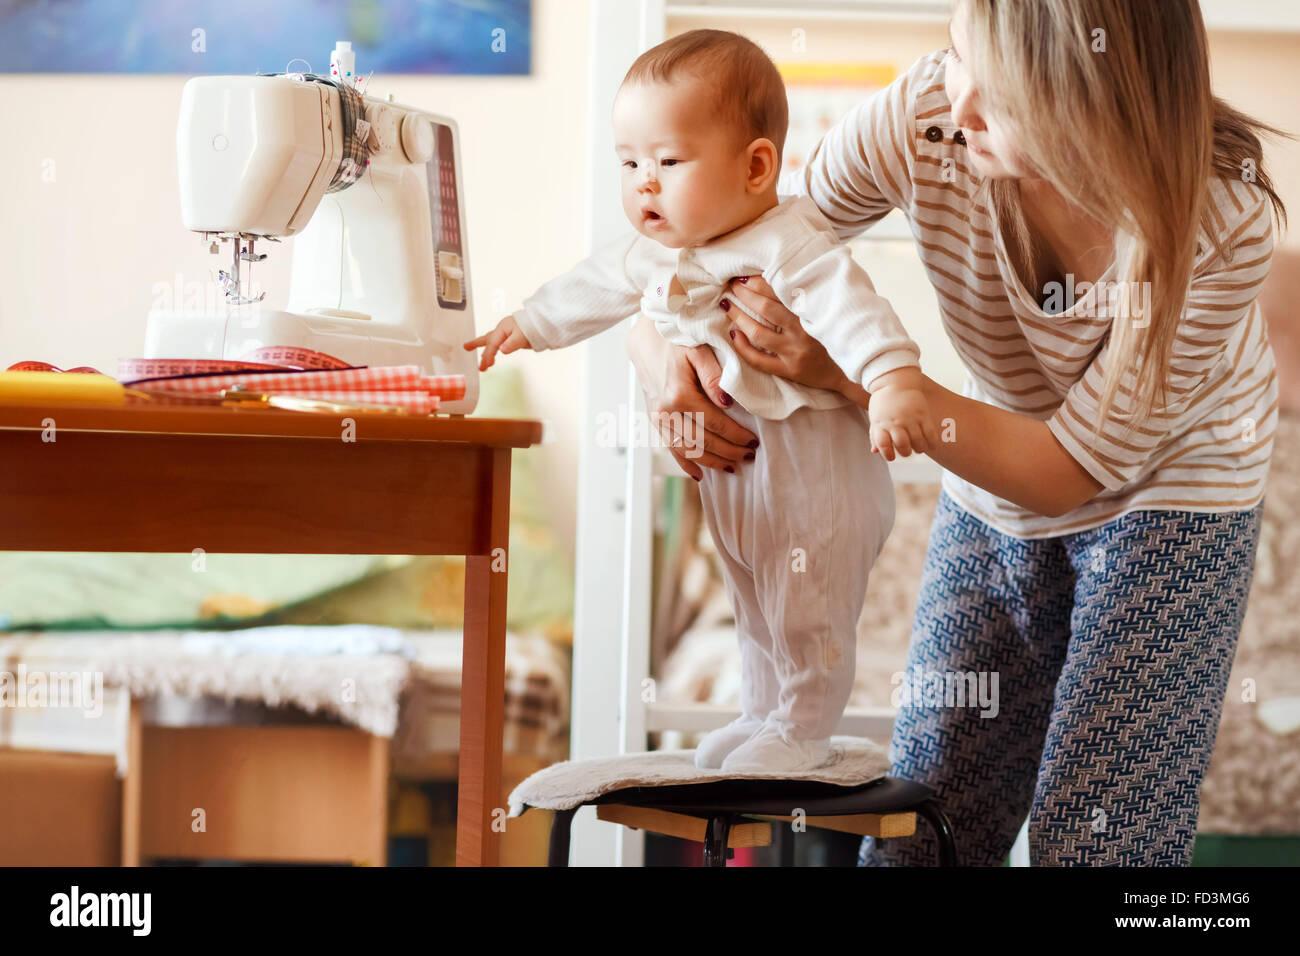 La mère et du nourrisson, la maison, les premiers pas de bébé, éclairage naturel. Combinées Photo Stock